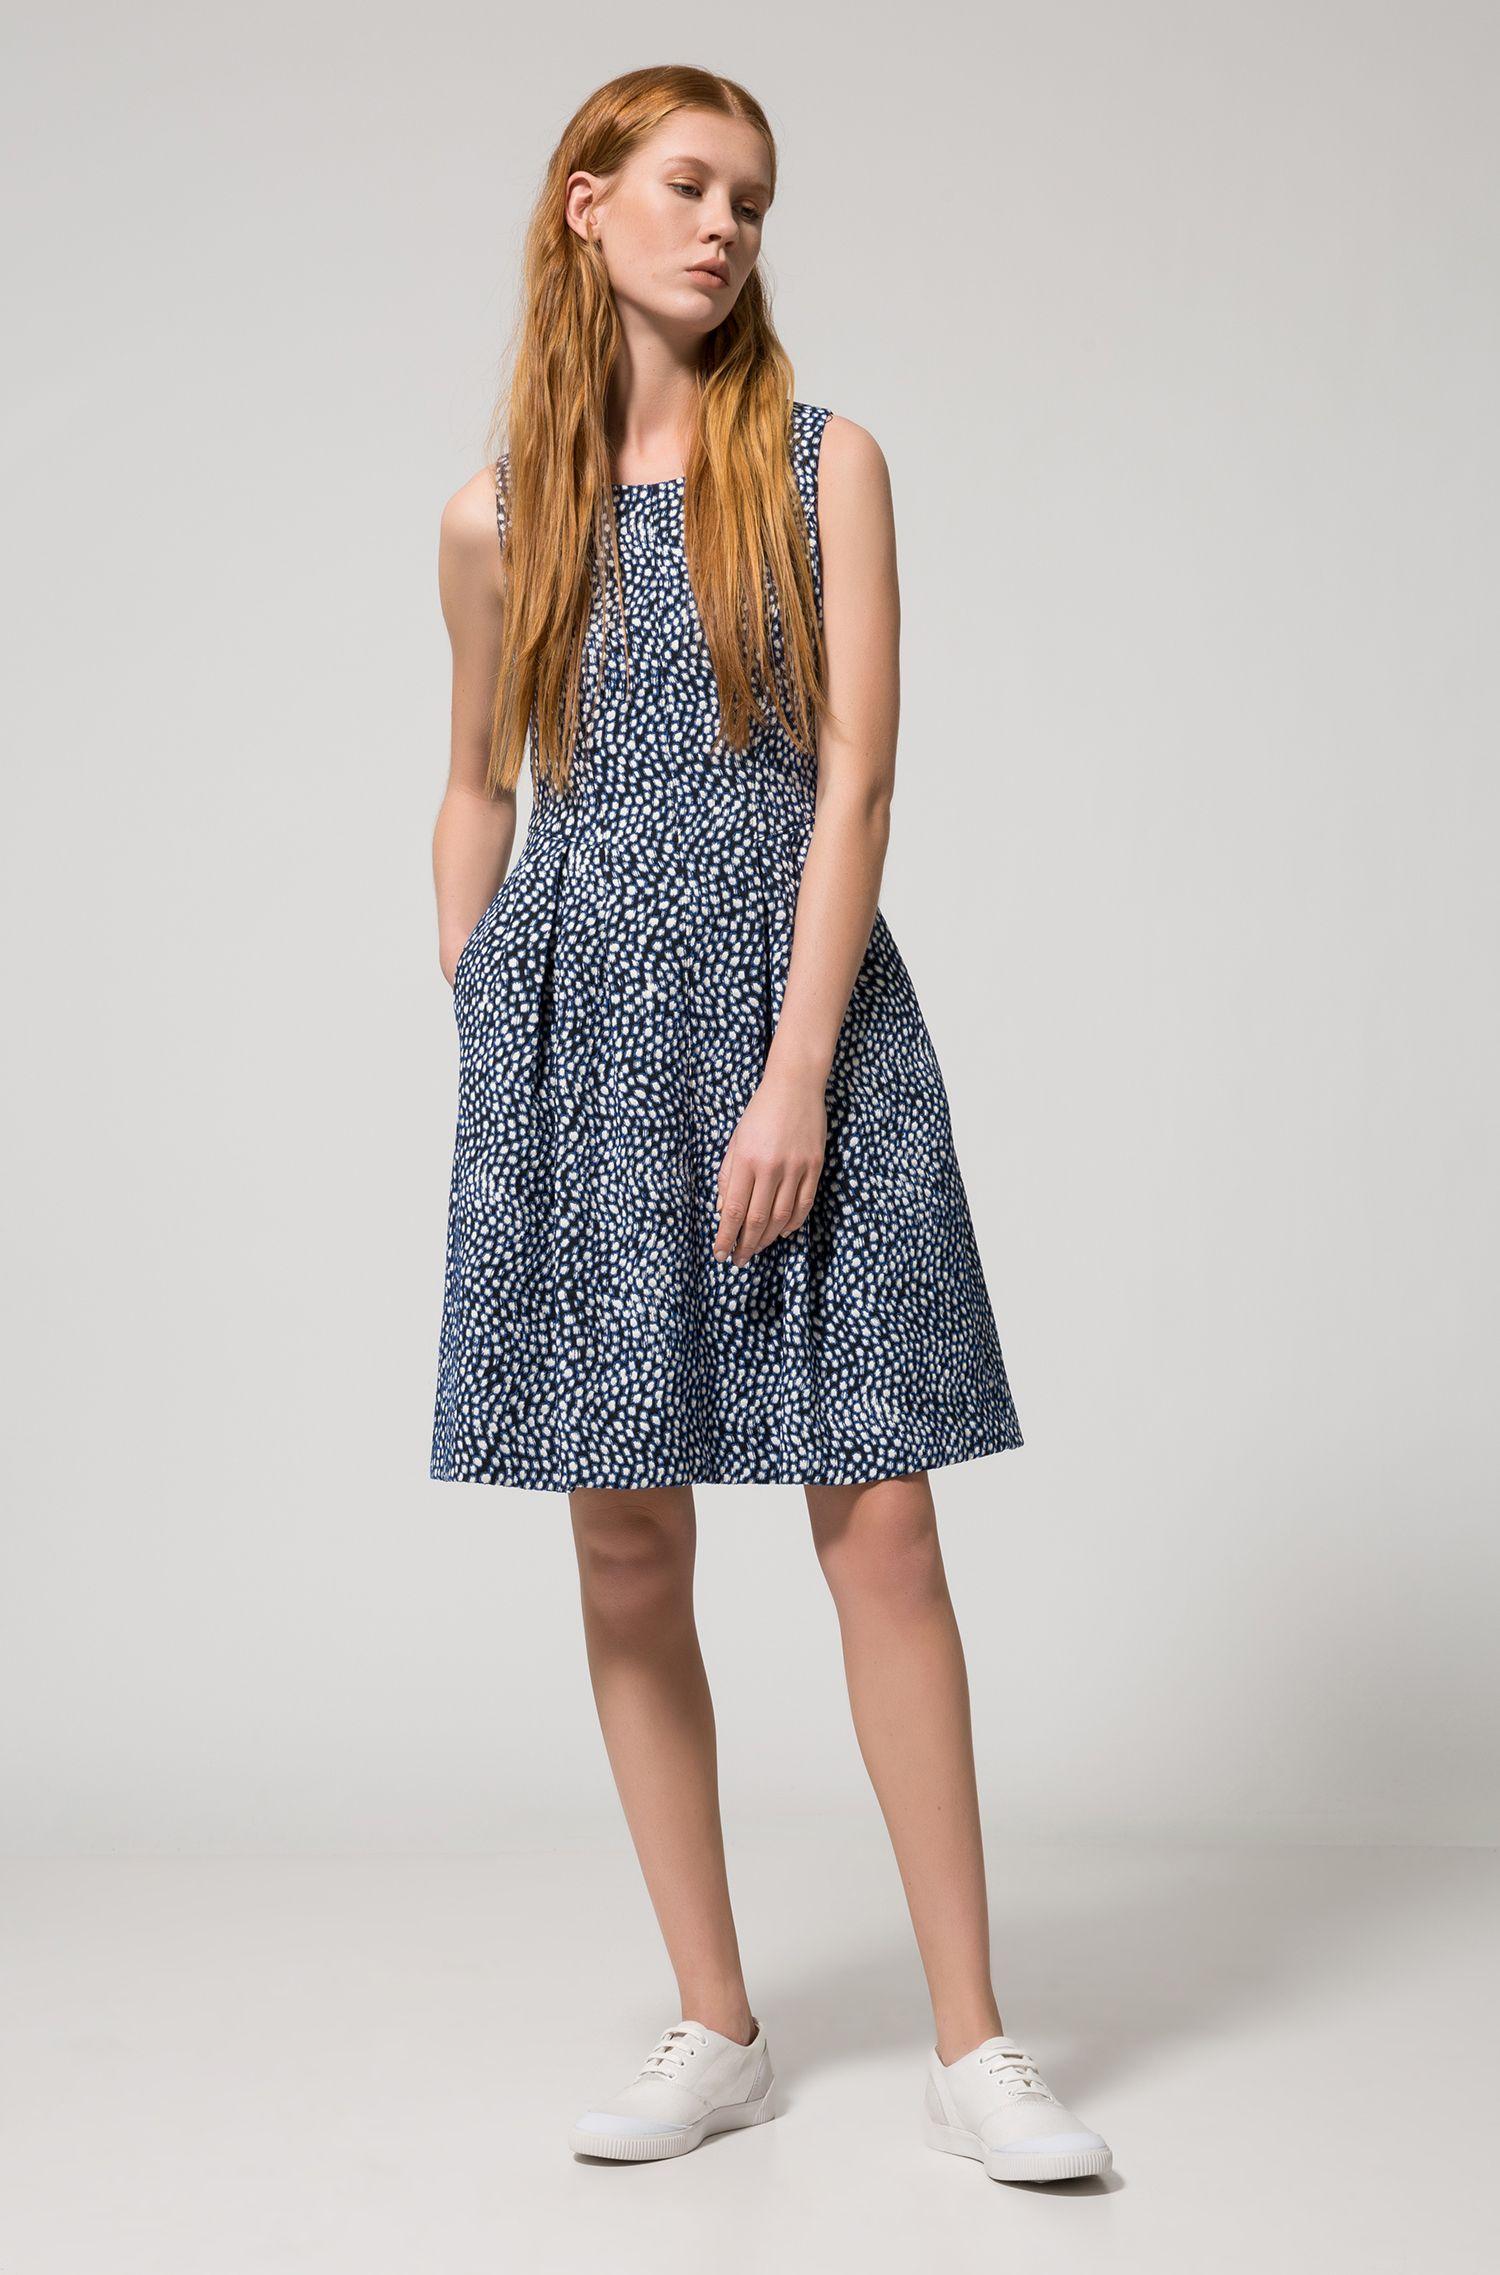 Vestito jacquard a disegni in misto cotone elasticizzato